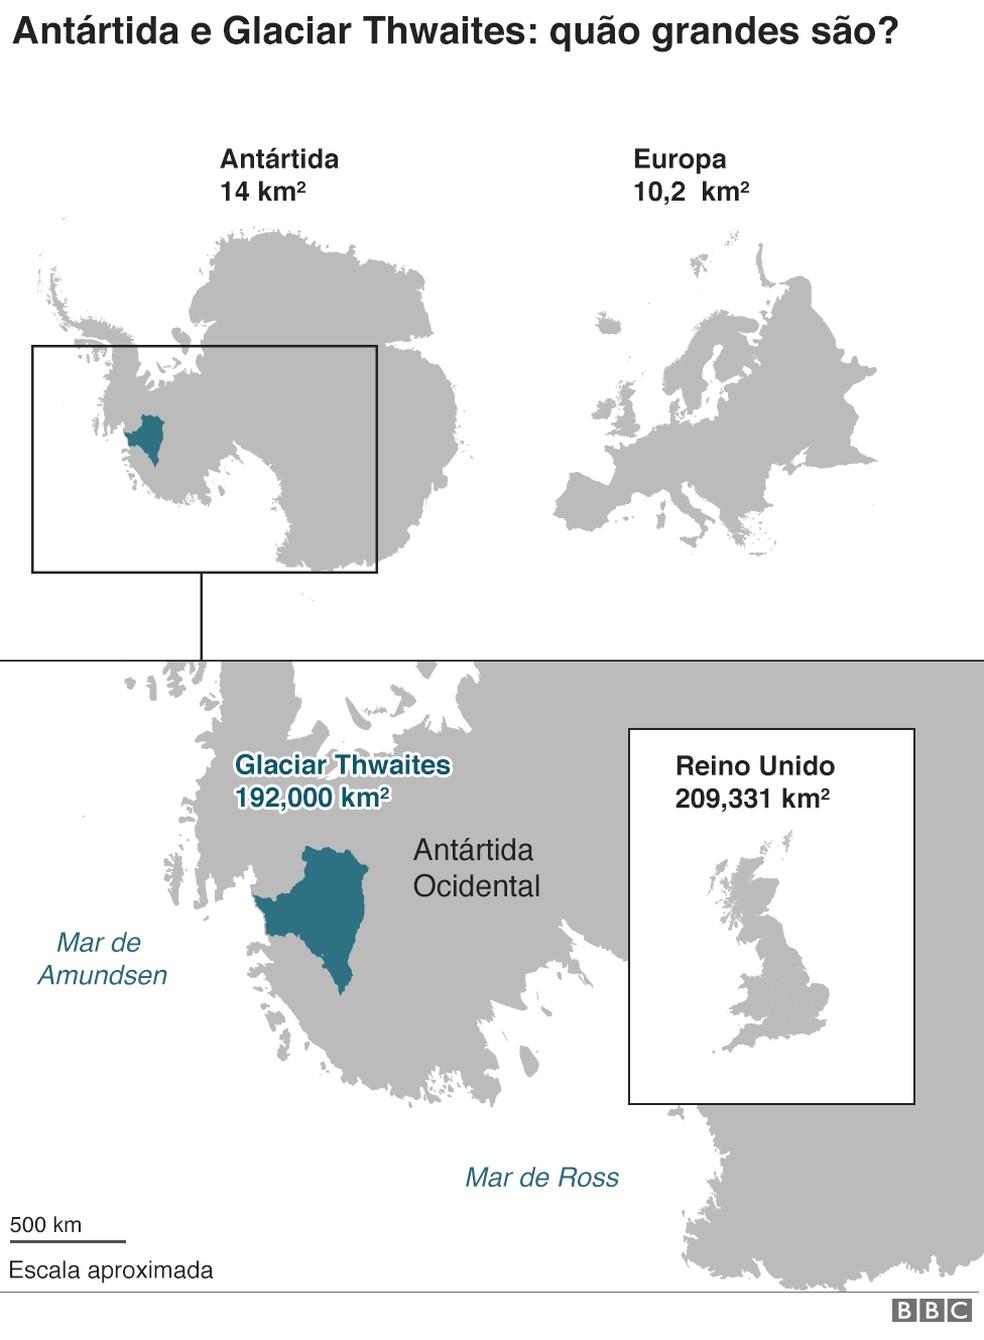 Antártica e Glaciar Thwaites: quão grandes são? — Foto: BBC